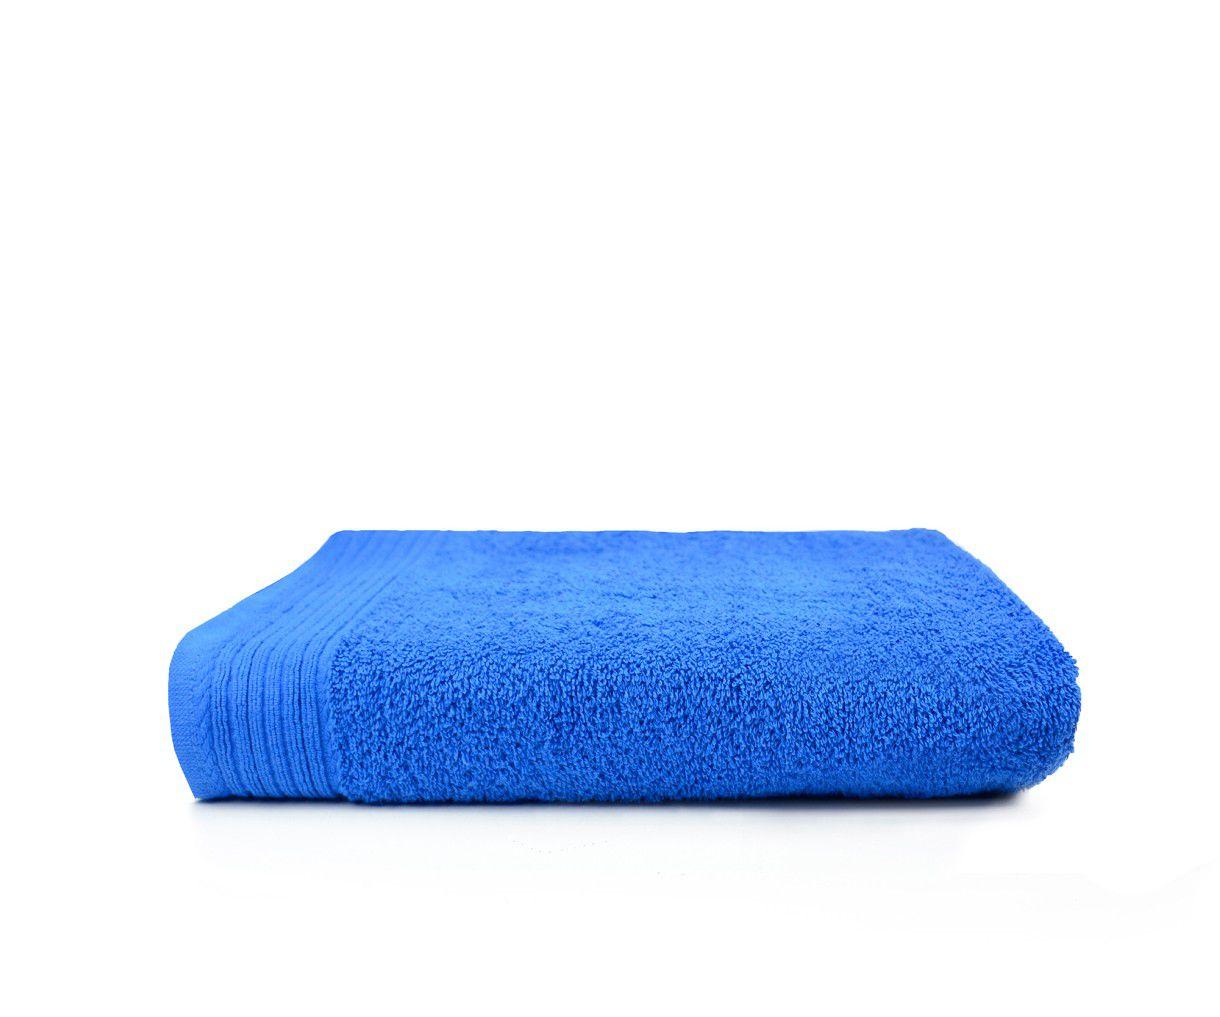 The One Badhanddoek 450 gram 70x140 cm Royal Blue